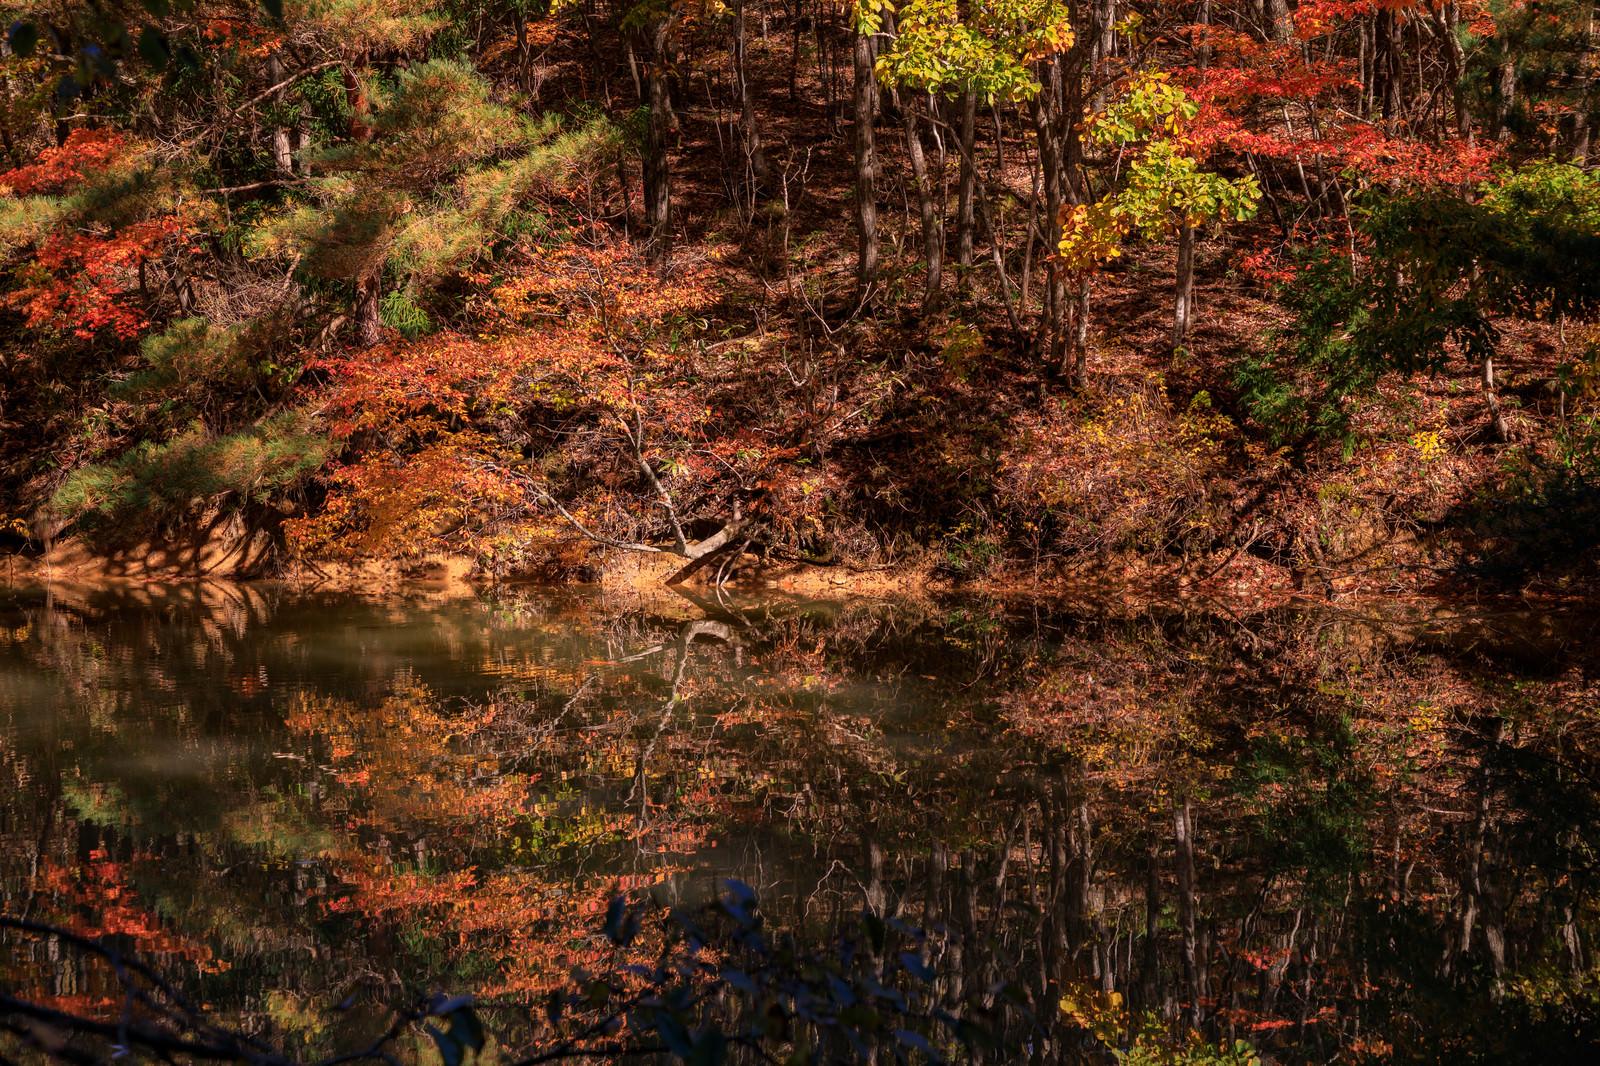 「沼の水面に反射する紅葉する木々」の写真